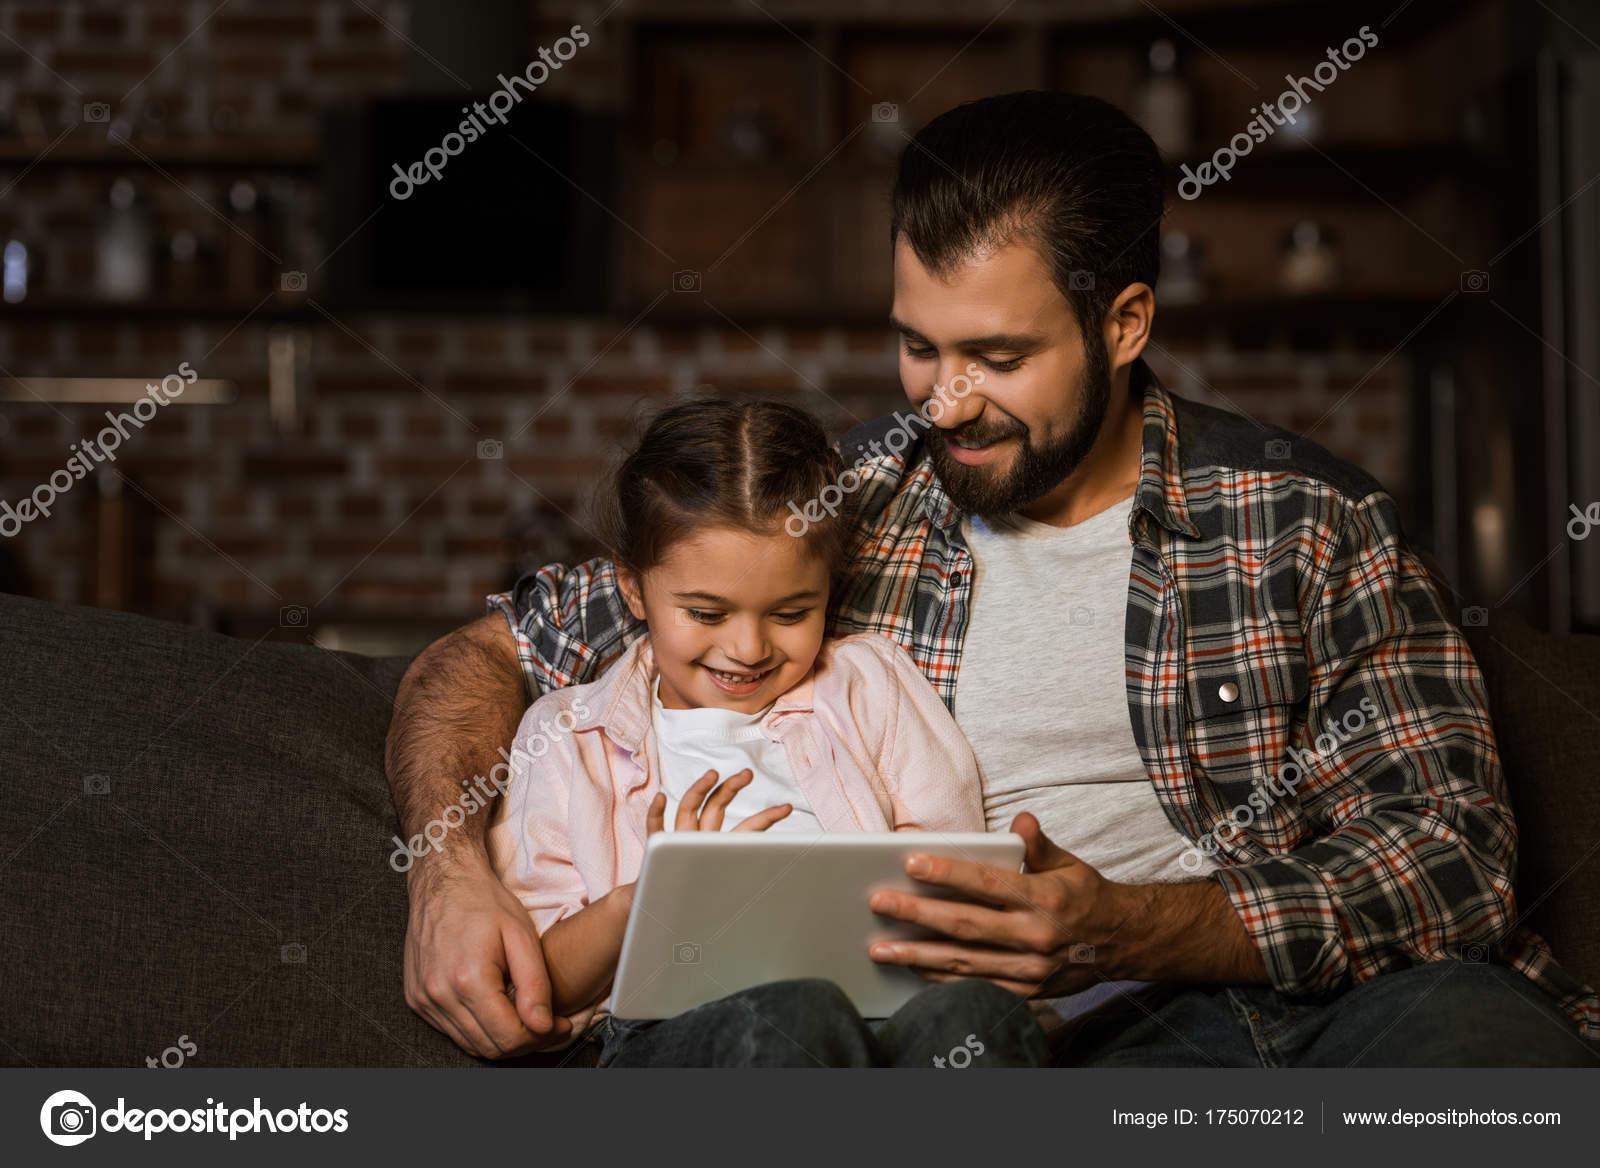 Фото секса пап с дочерьми, Секс папы с дочкой. Смотреть отец с дочкой порно фото 18 фотография